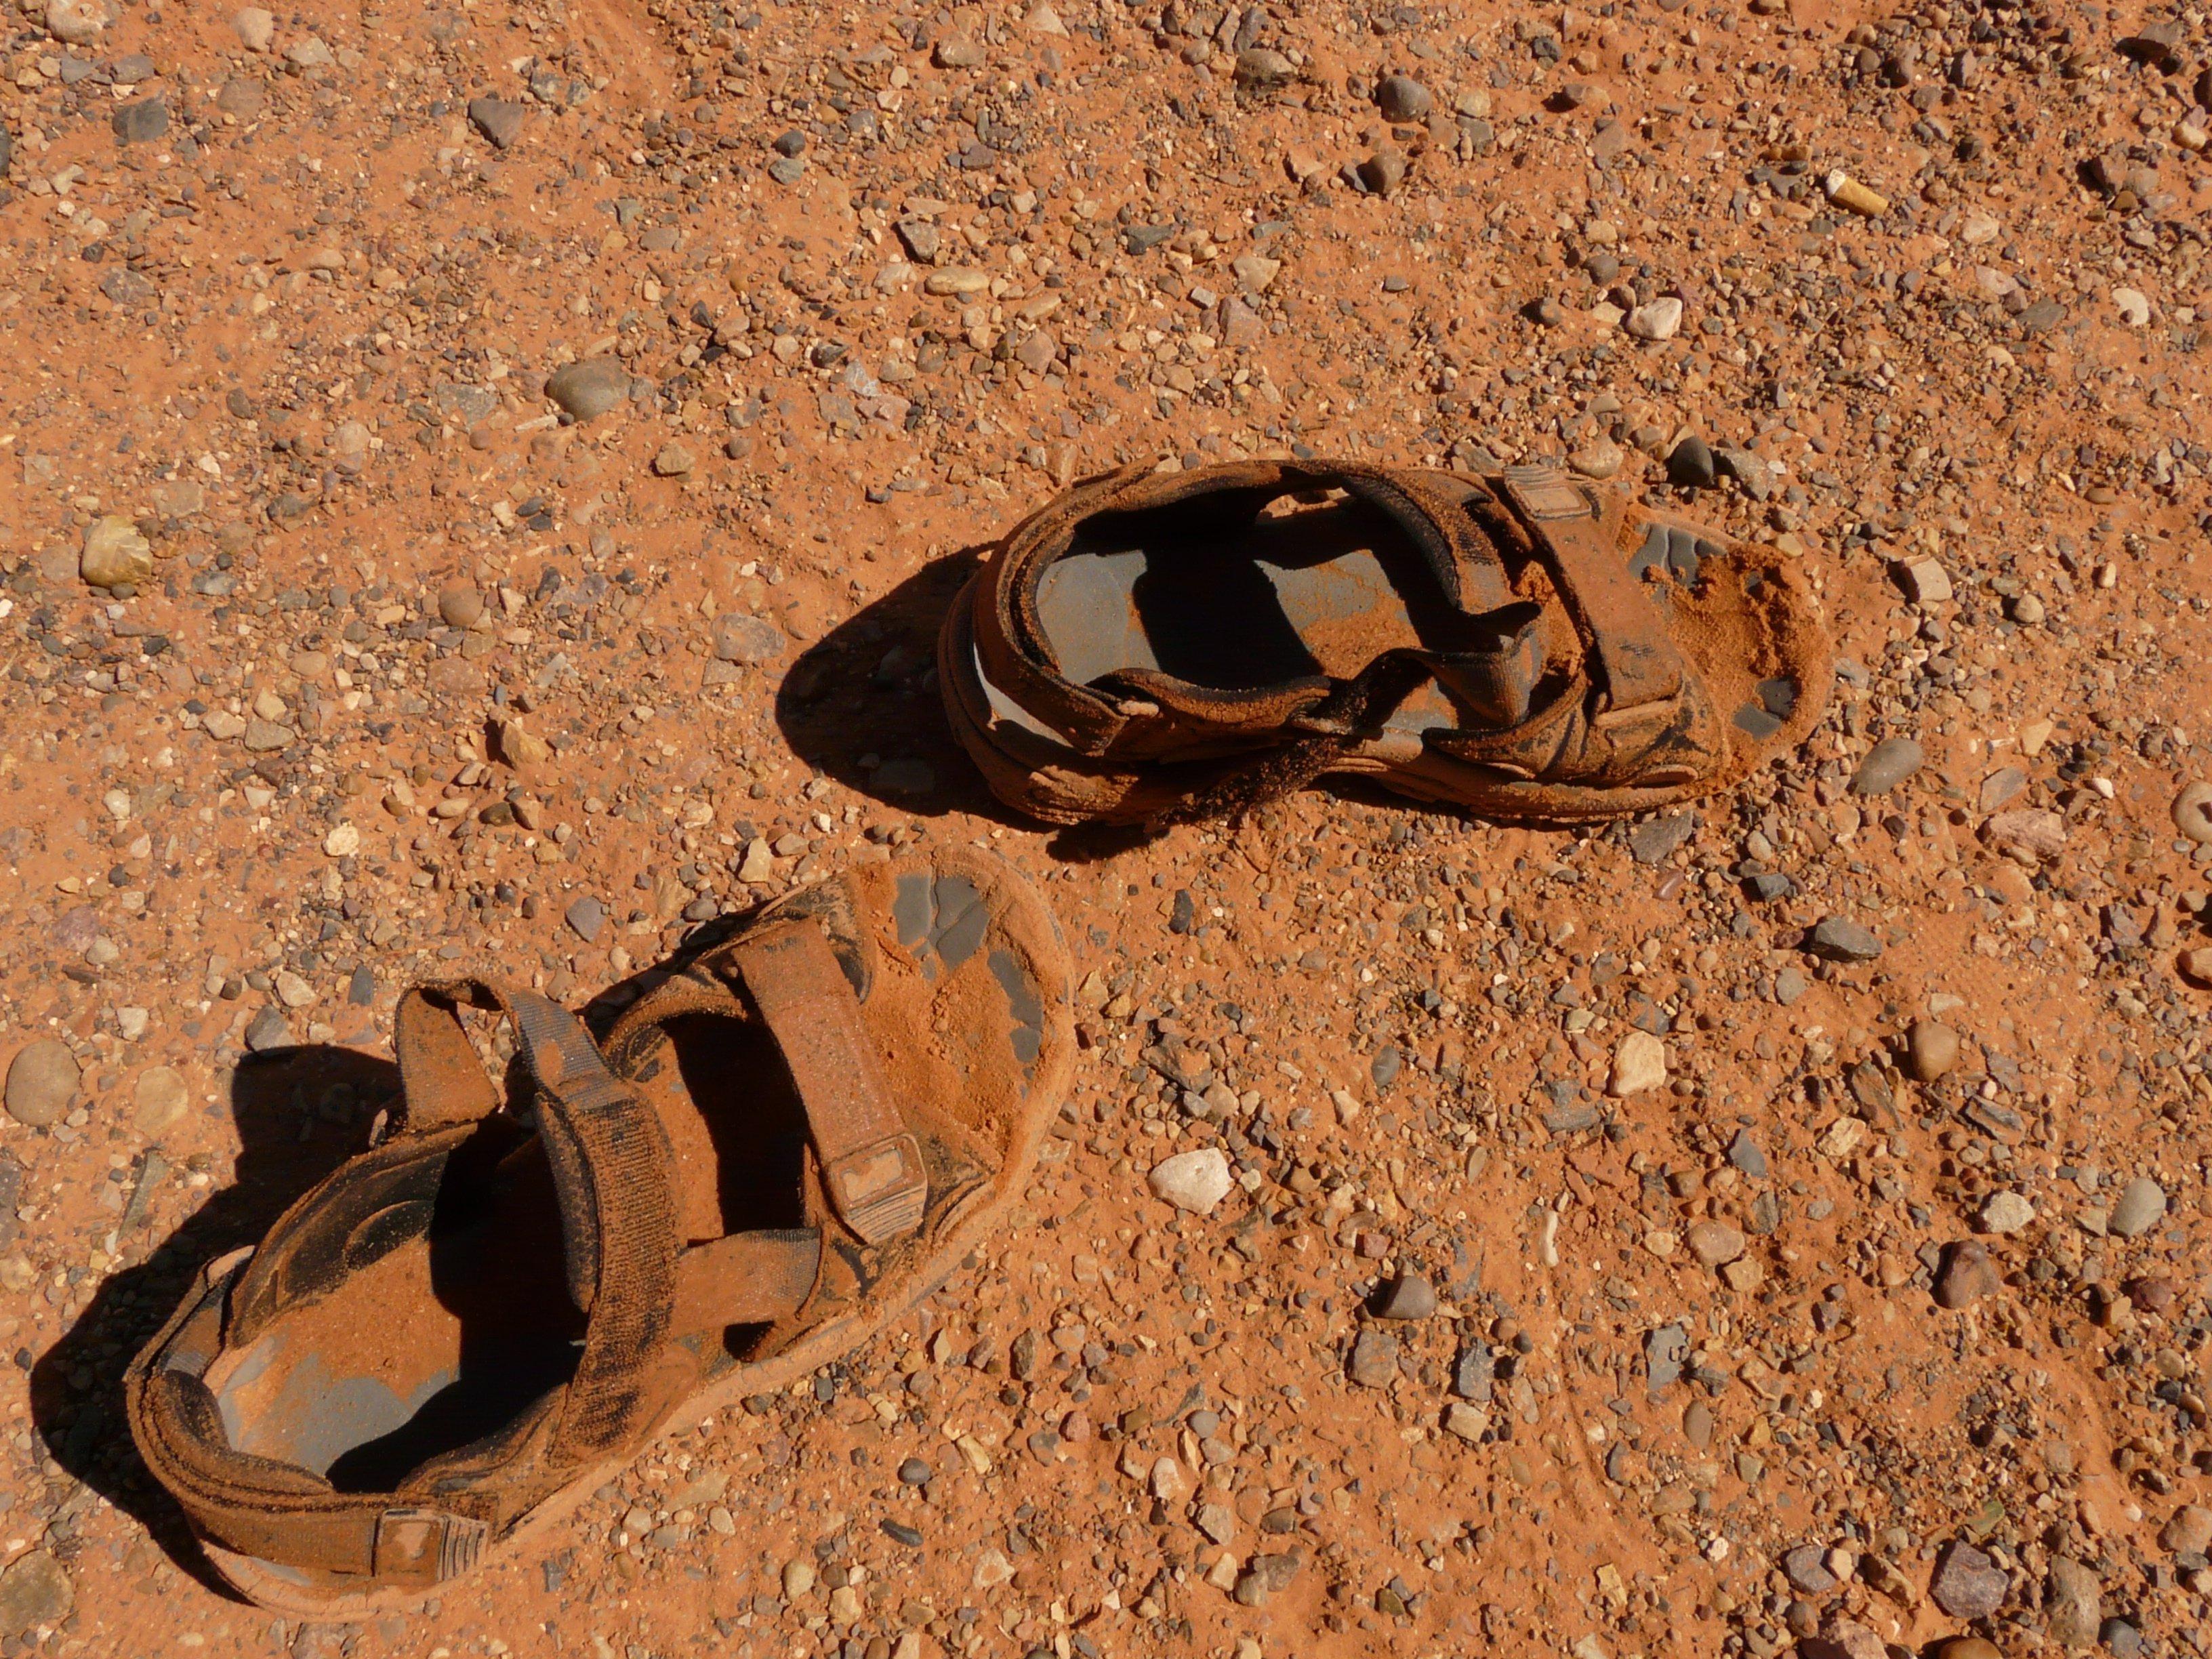 44037799 sand sko tre føtter fot jord skitne materiale sko jord sandaler fottøy leire